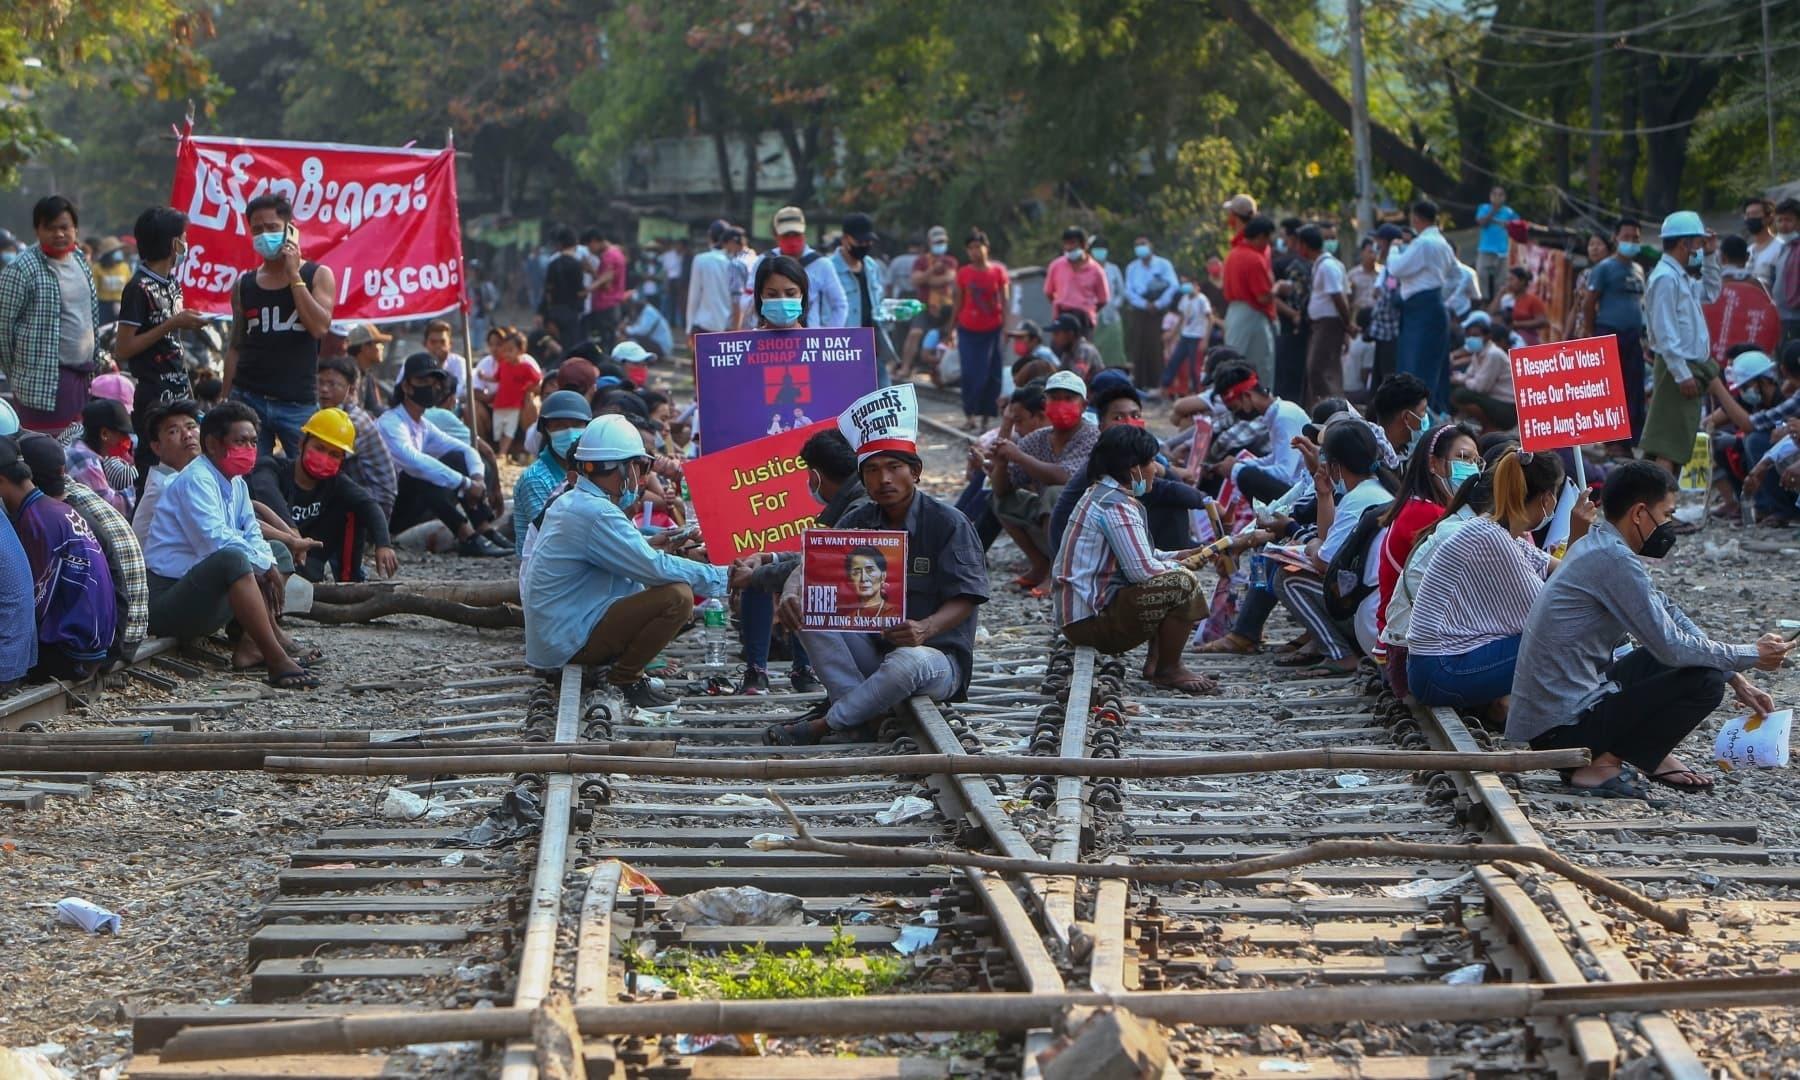 میانمار کے شہر منڈالے میں عوام نے ریلوے ٹریک بھی بلاک کر دیا اور کہا کہ ہمیں فوجی حکومت نہیں چاہیے—فوٹو: اے پی